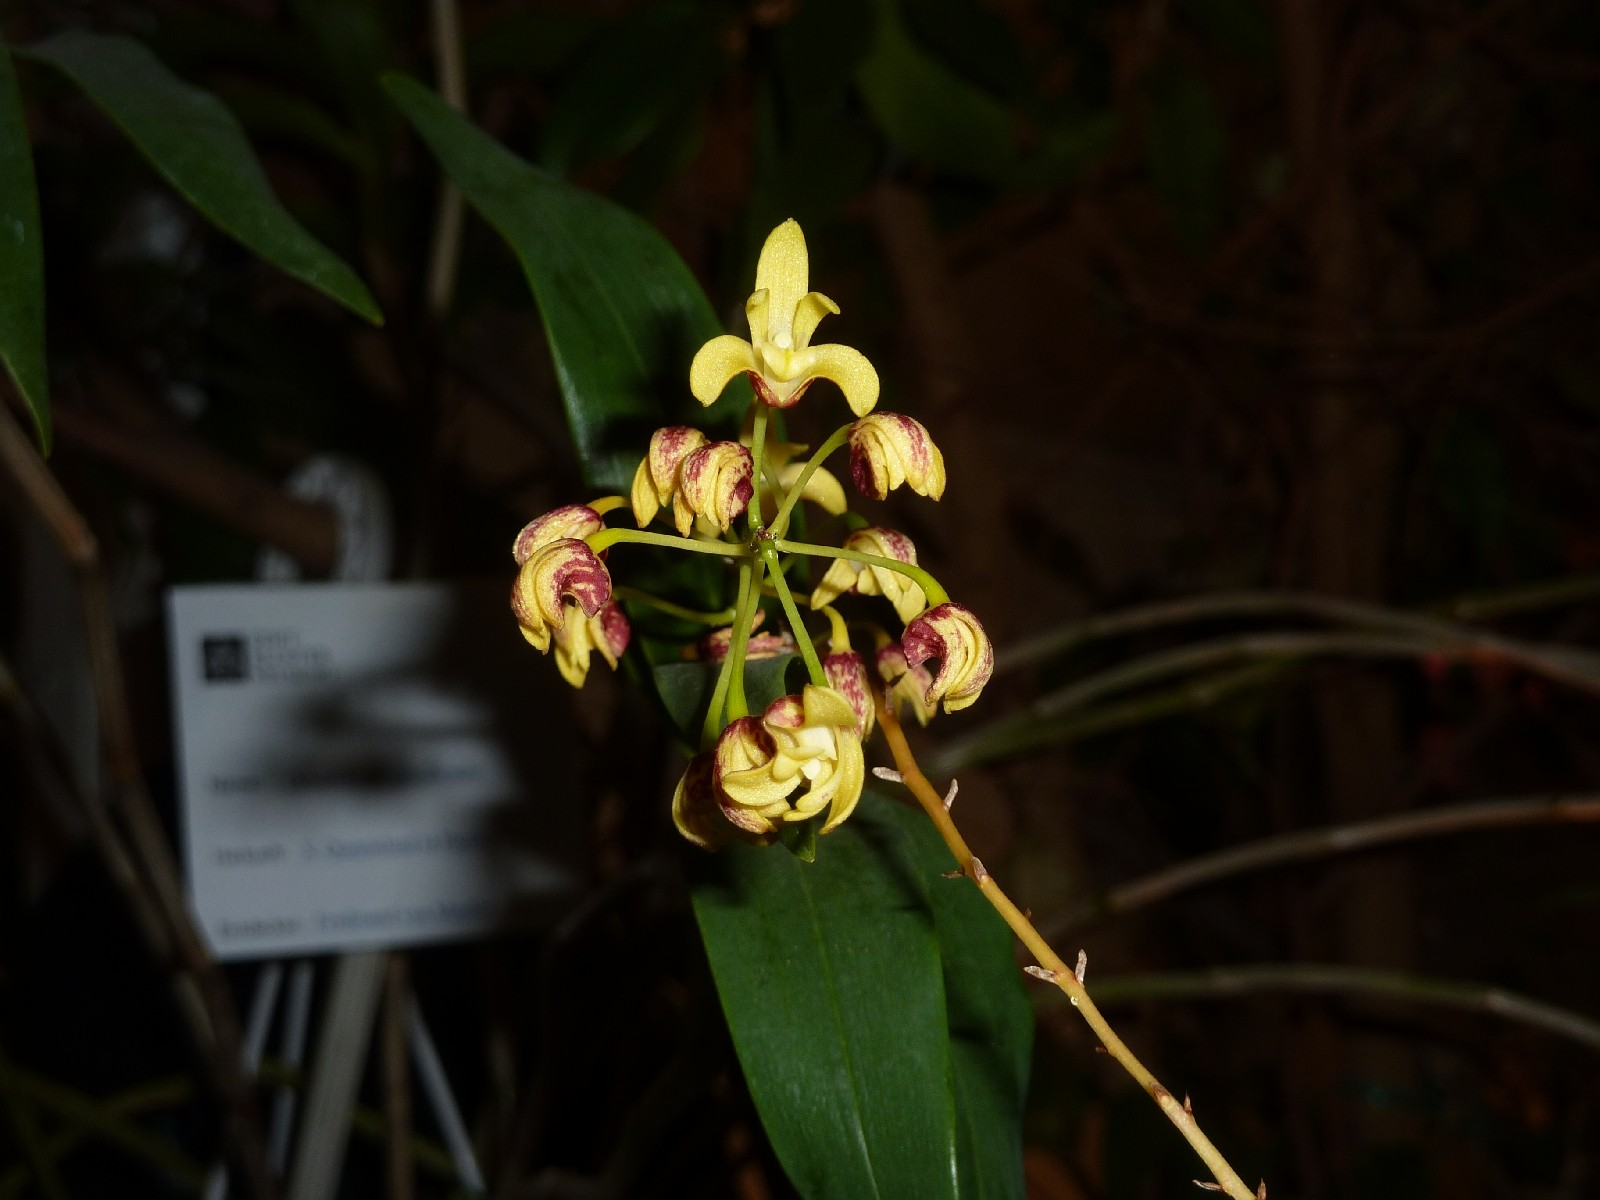 Orchideenausstellung Klosterneuburg 2013 Dendro11